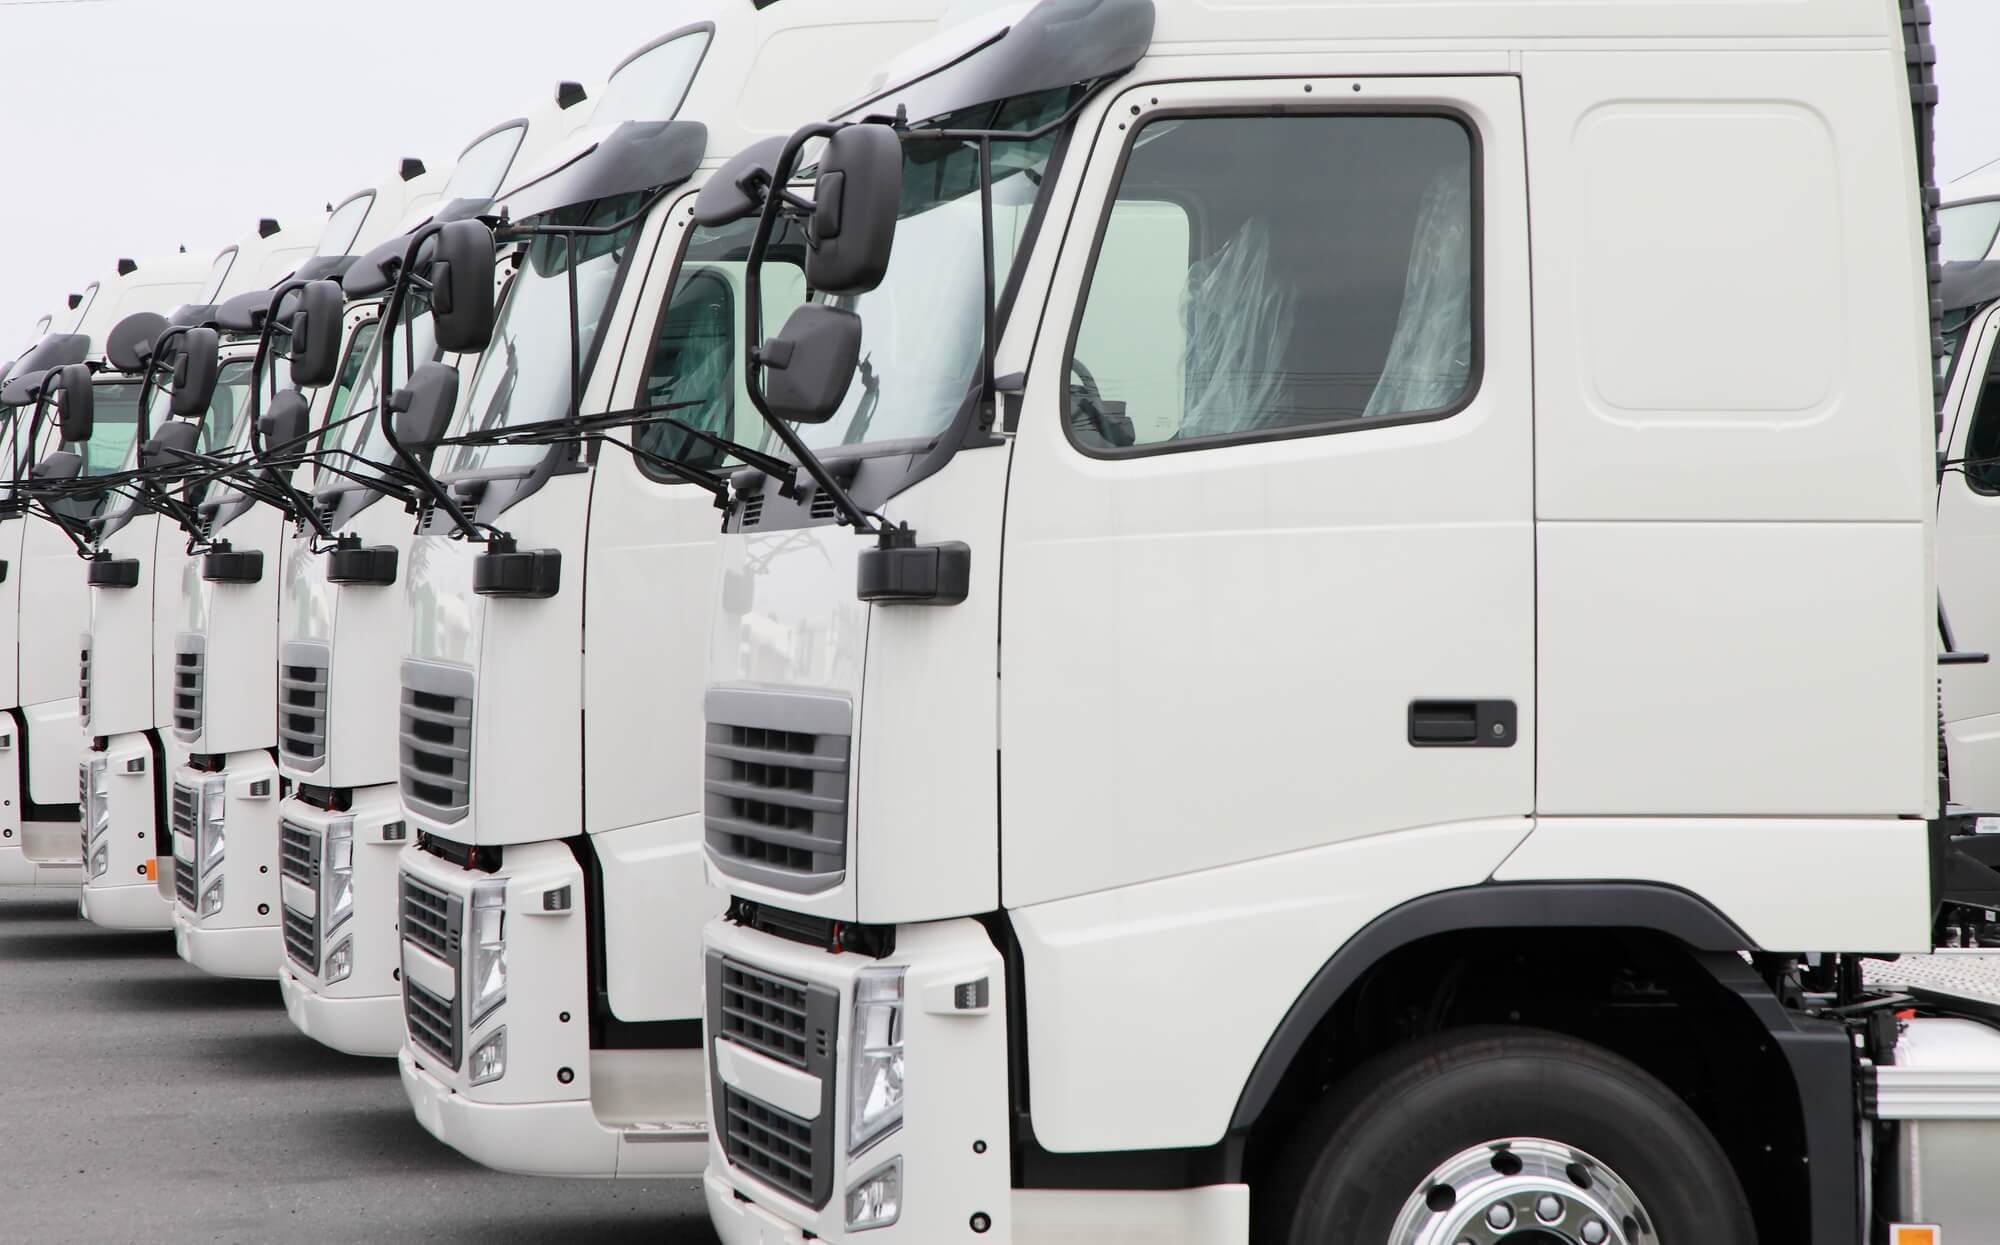 トラックドライバーのメンタルヘルスにもっとも影響するのは?